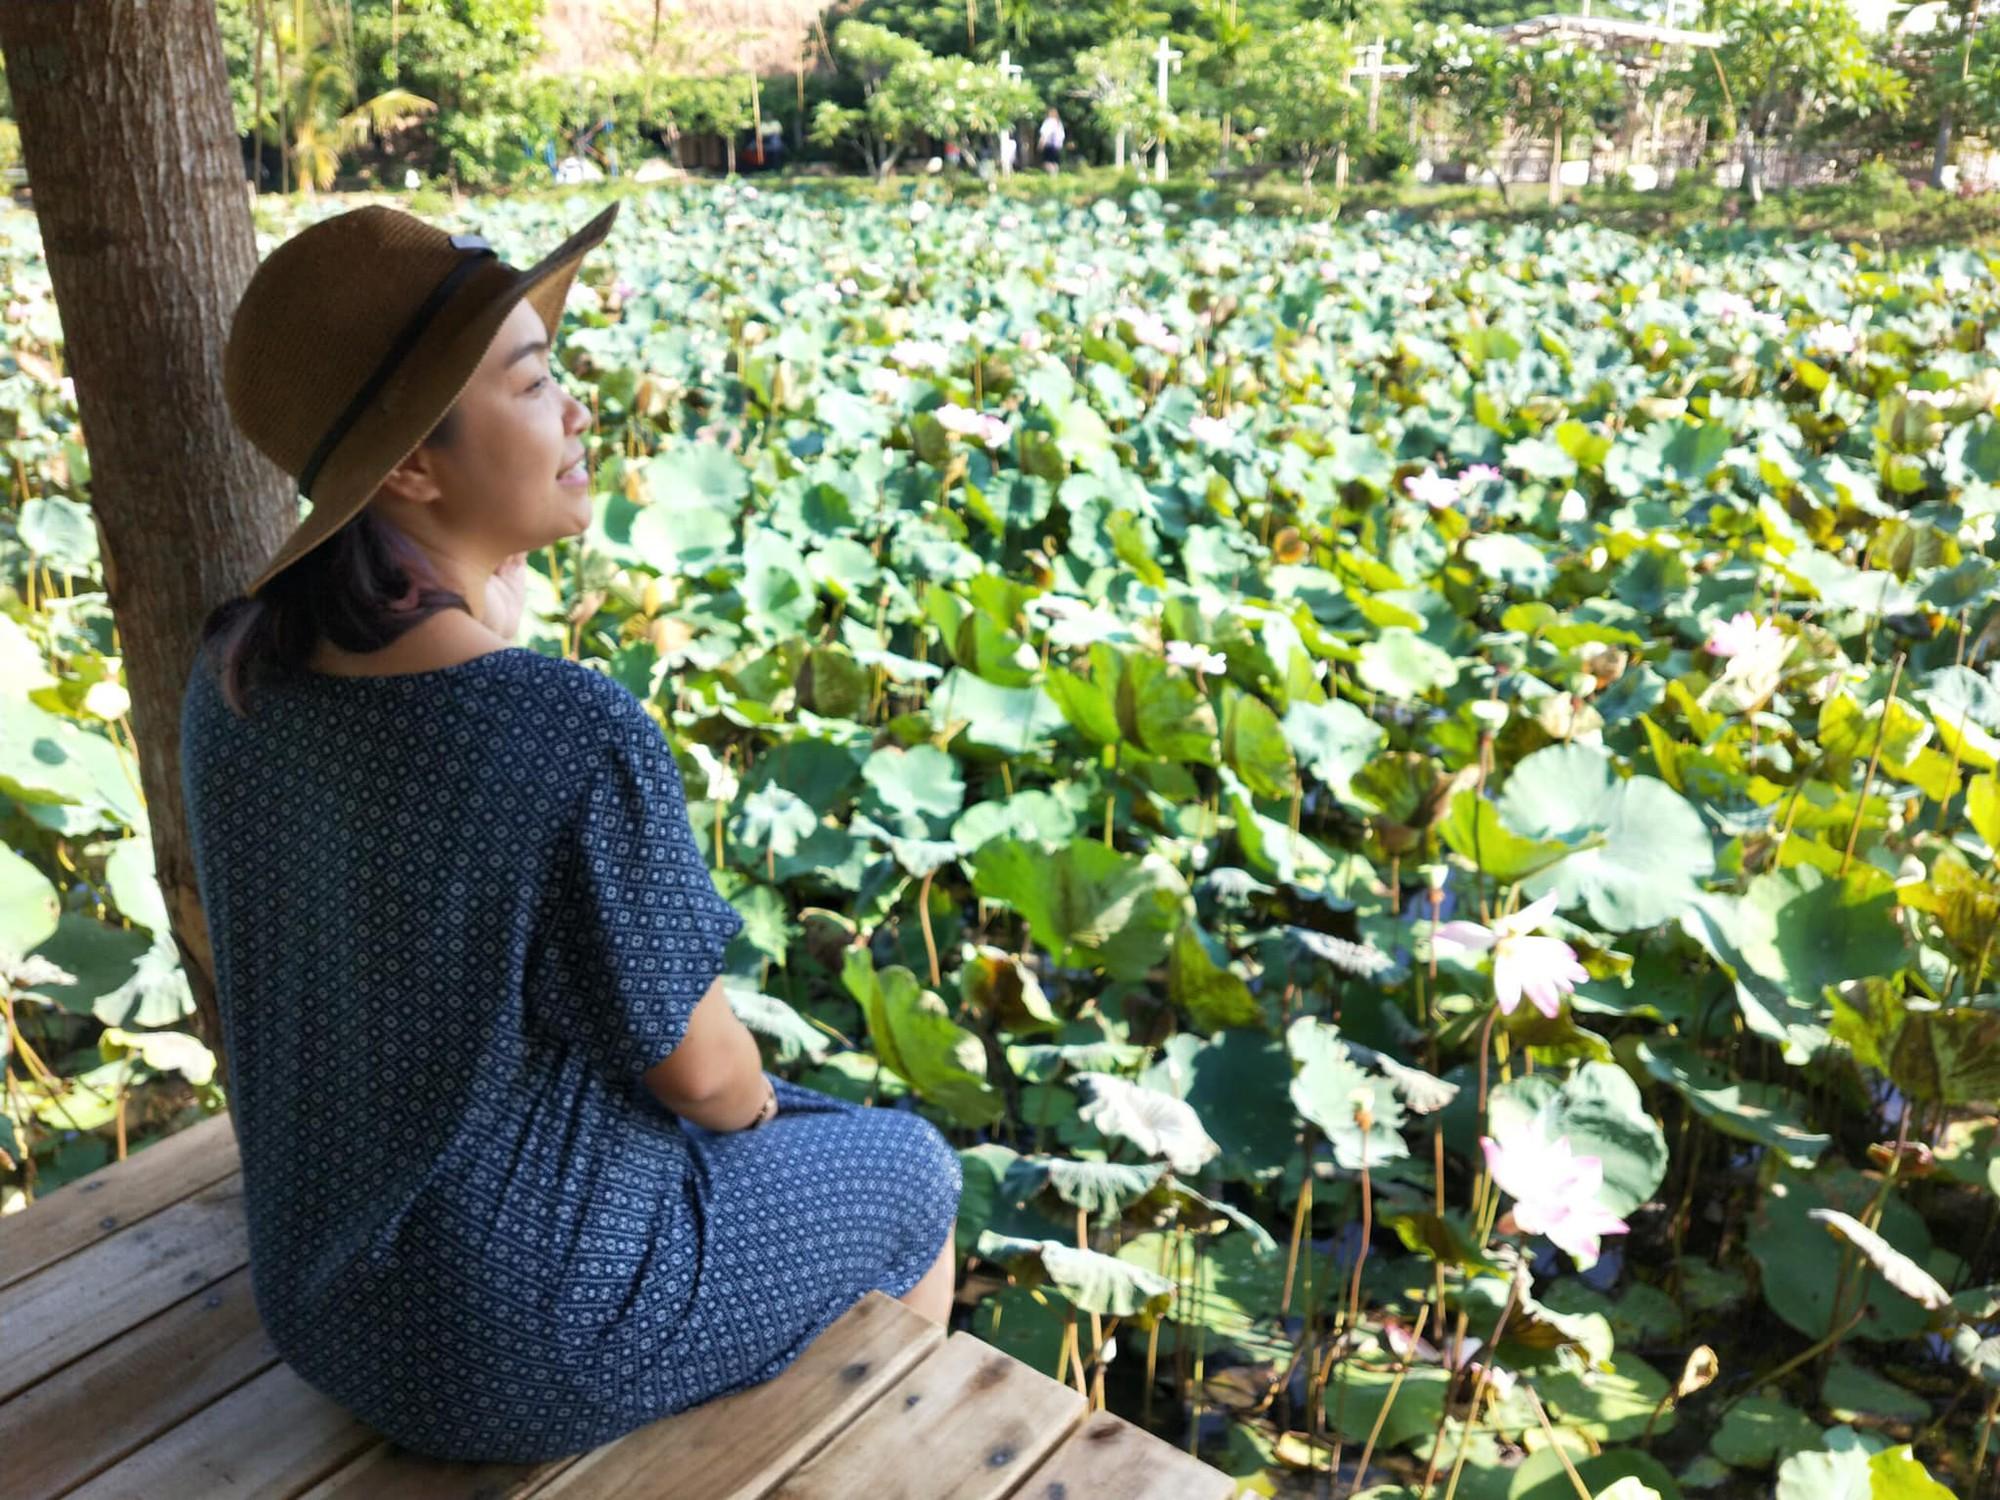 Những tour du lịch sinh thái gần Sài Gòn cho các gia đình có trẻ nhỏ ngày hè - Ảnh 5.